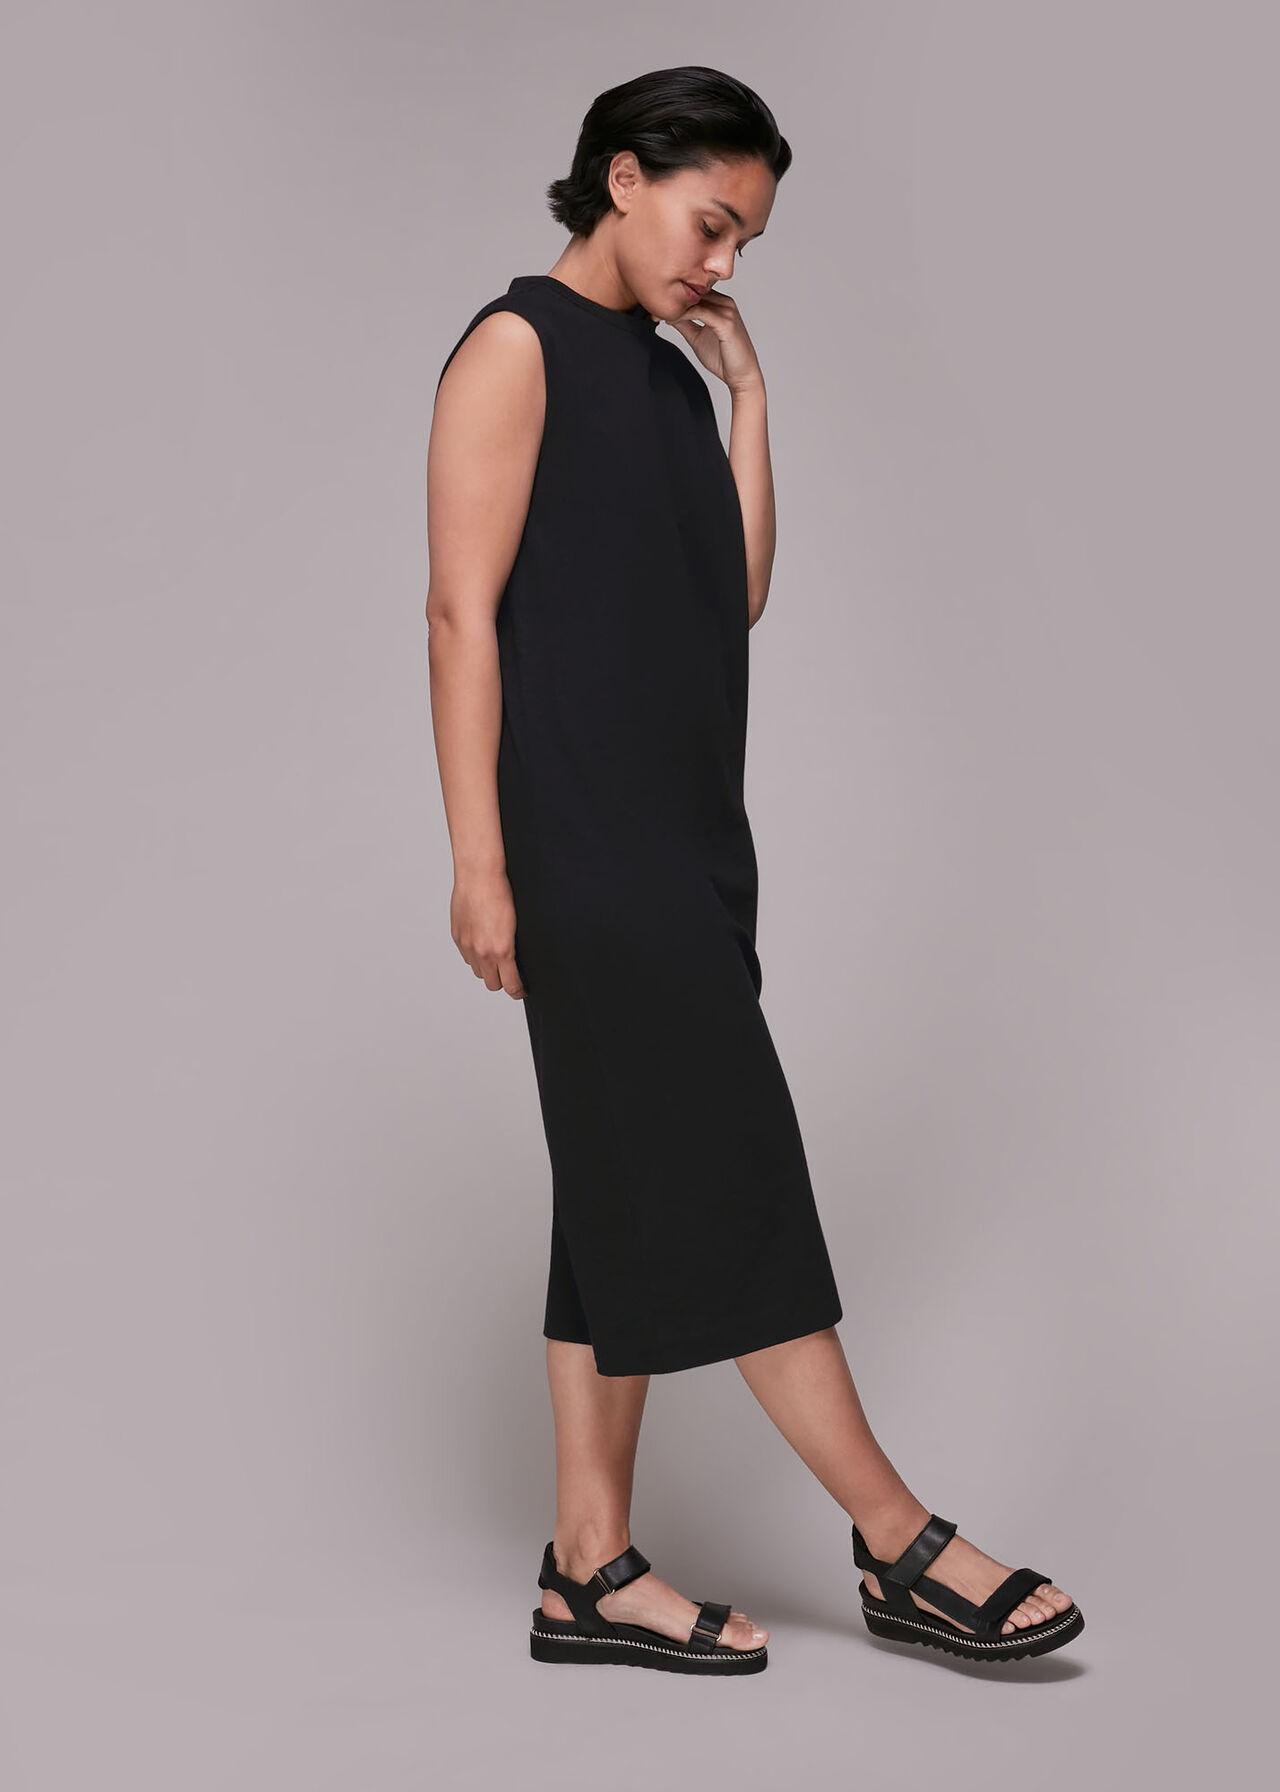 Easy Minimal Midi Dress